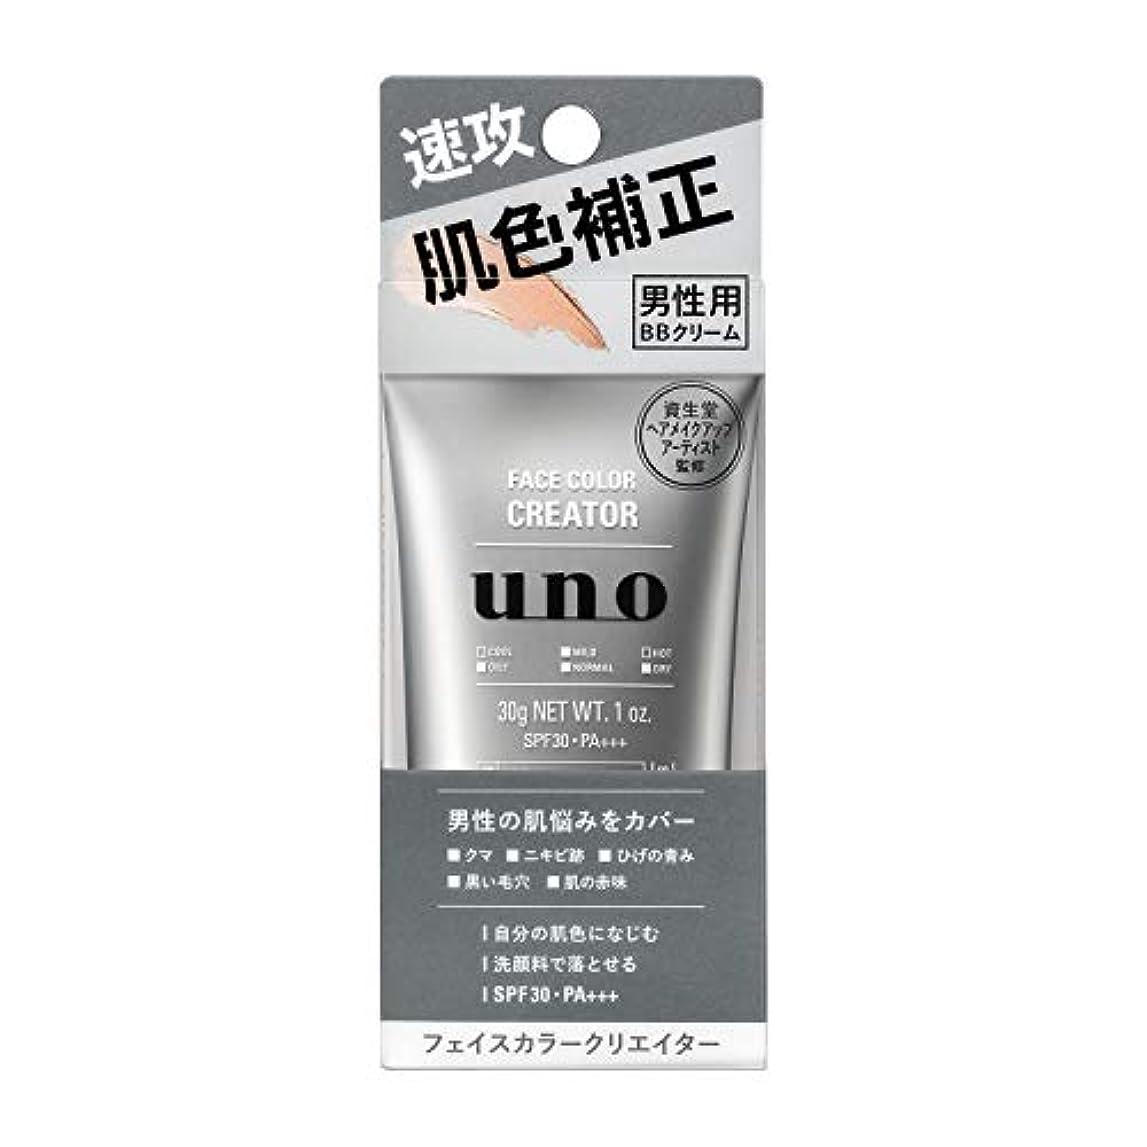 申し立てられた大邸宅ぼかすUNO(ウーノ)フェイスカラークリエイター BBクリーム メンズ SPF30 PA+++ 30g